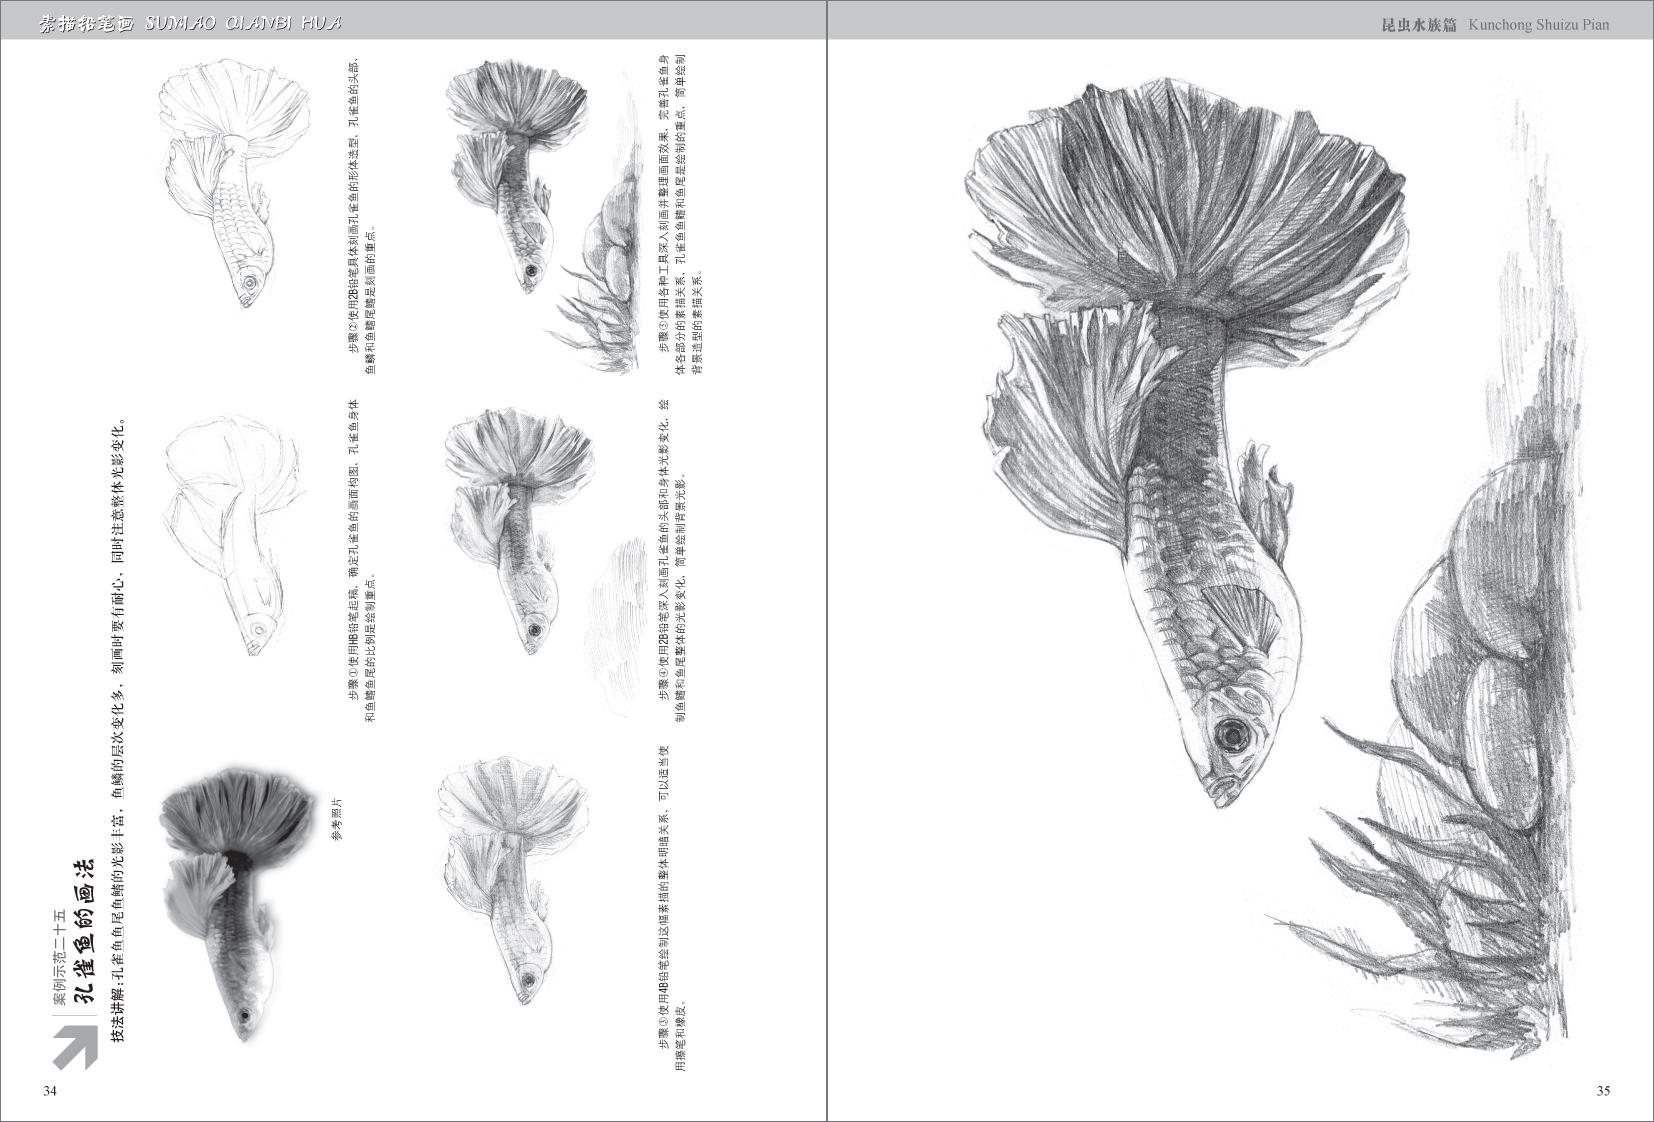 fun书 素描铅笔画昆虫水族篇  各式各样的昆虫水族总会以不同的方式与